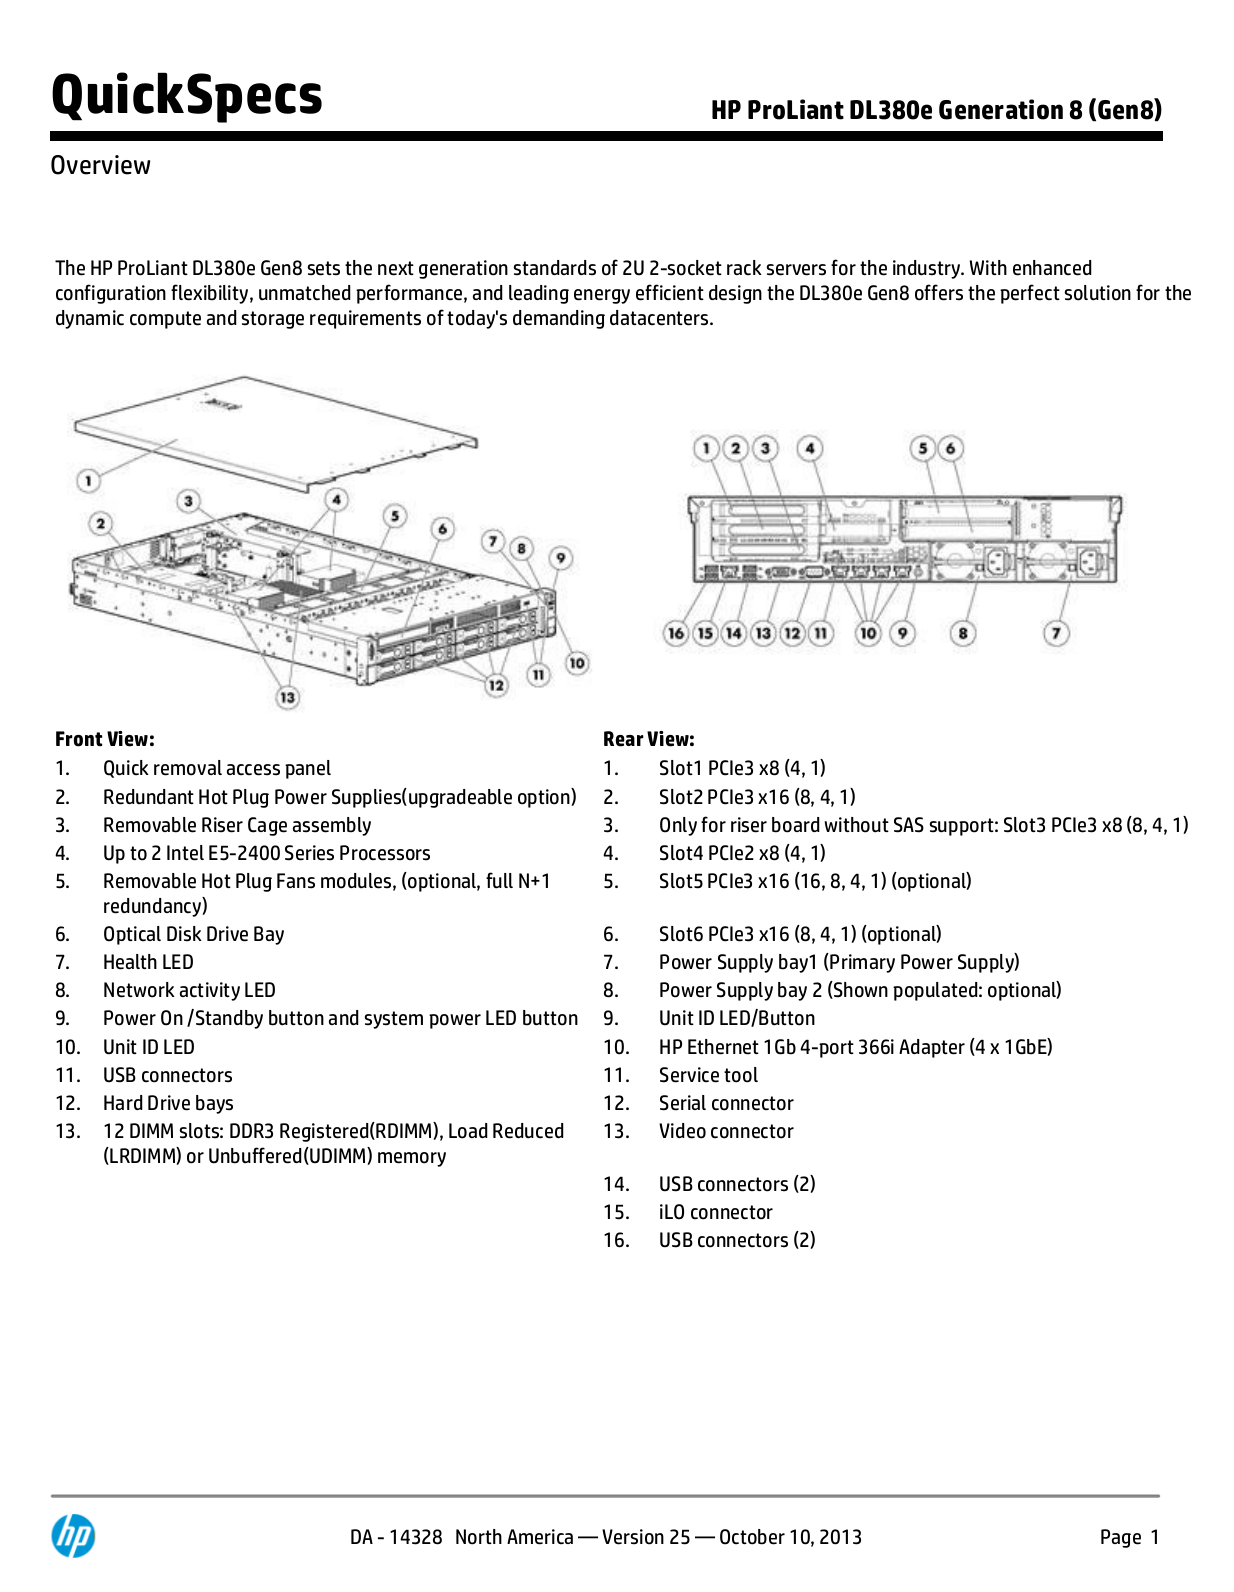 pdf for Laser Other FLS-1GGreen Flash Drives manual